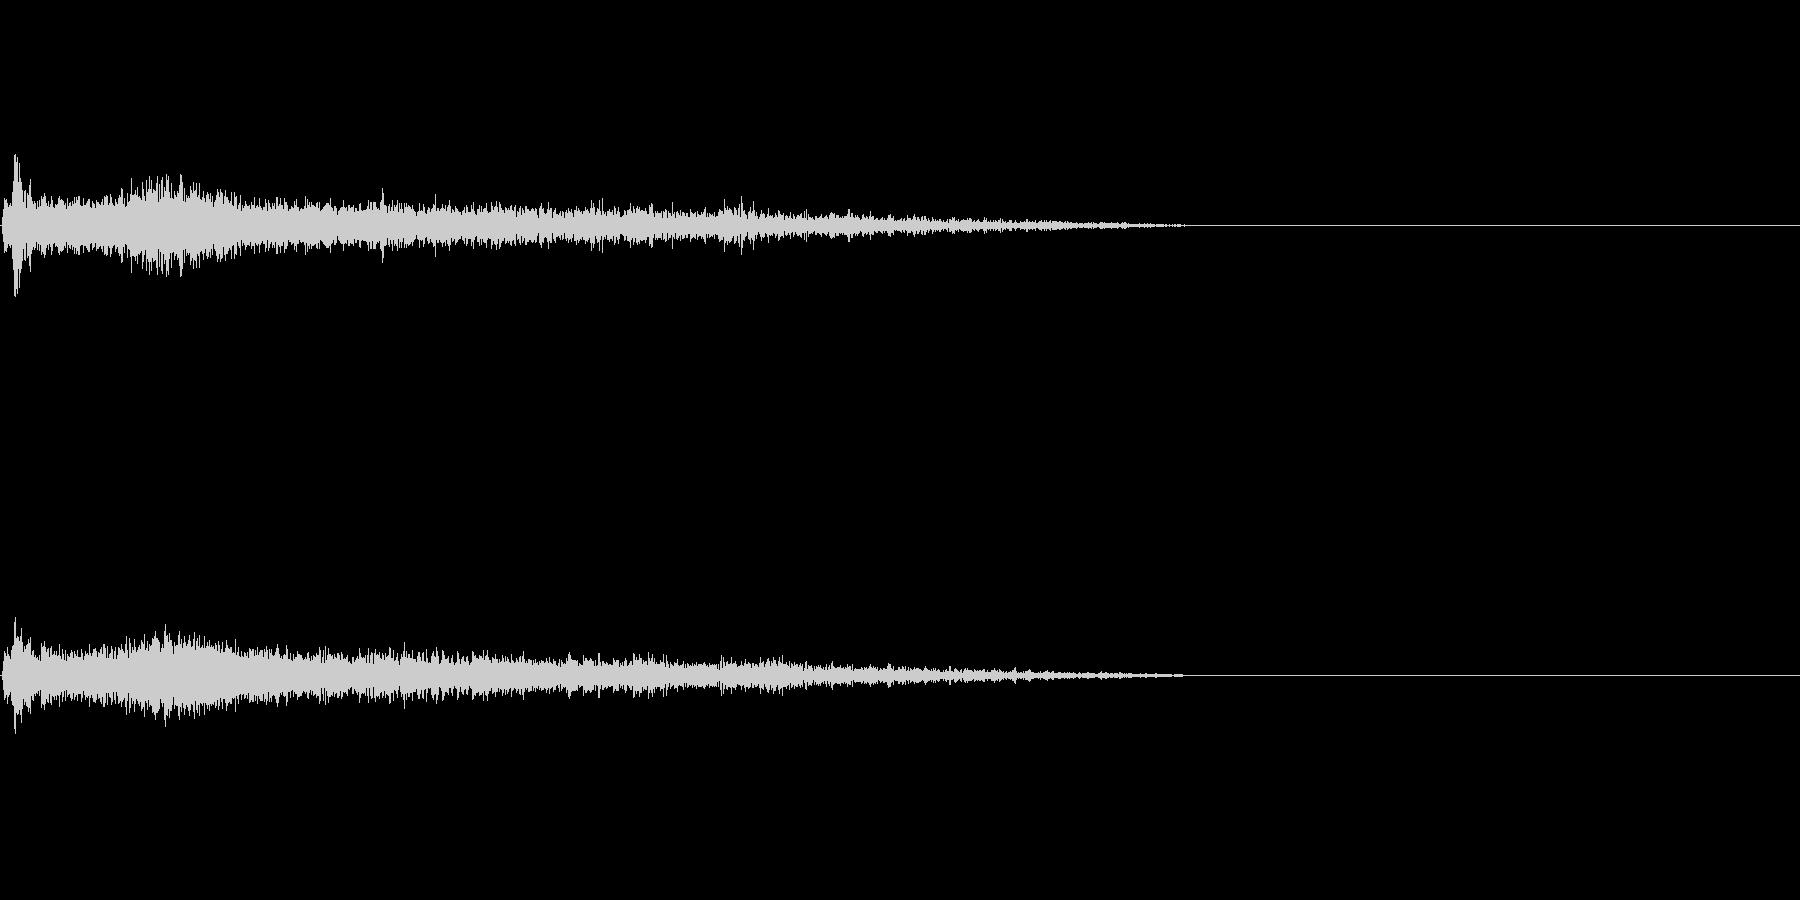 Eメジャー インパクト音 衝撃音の未再生の波形